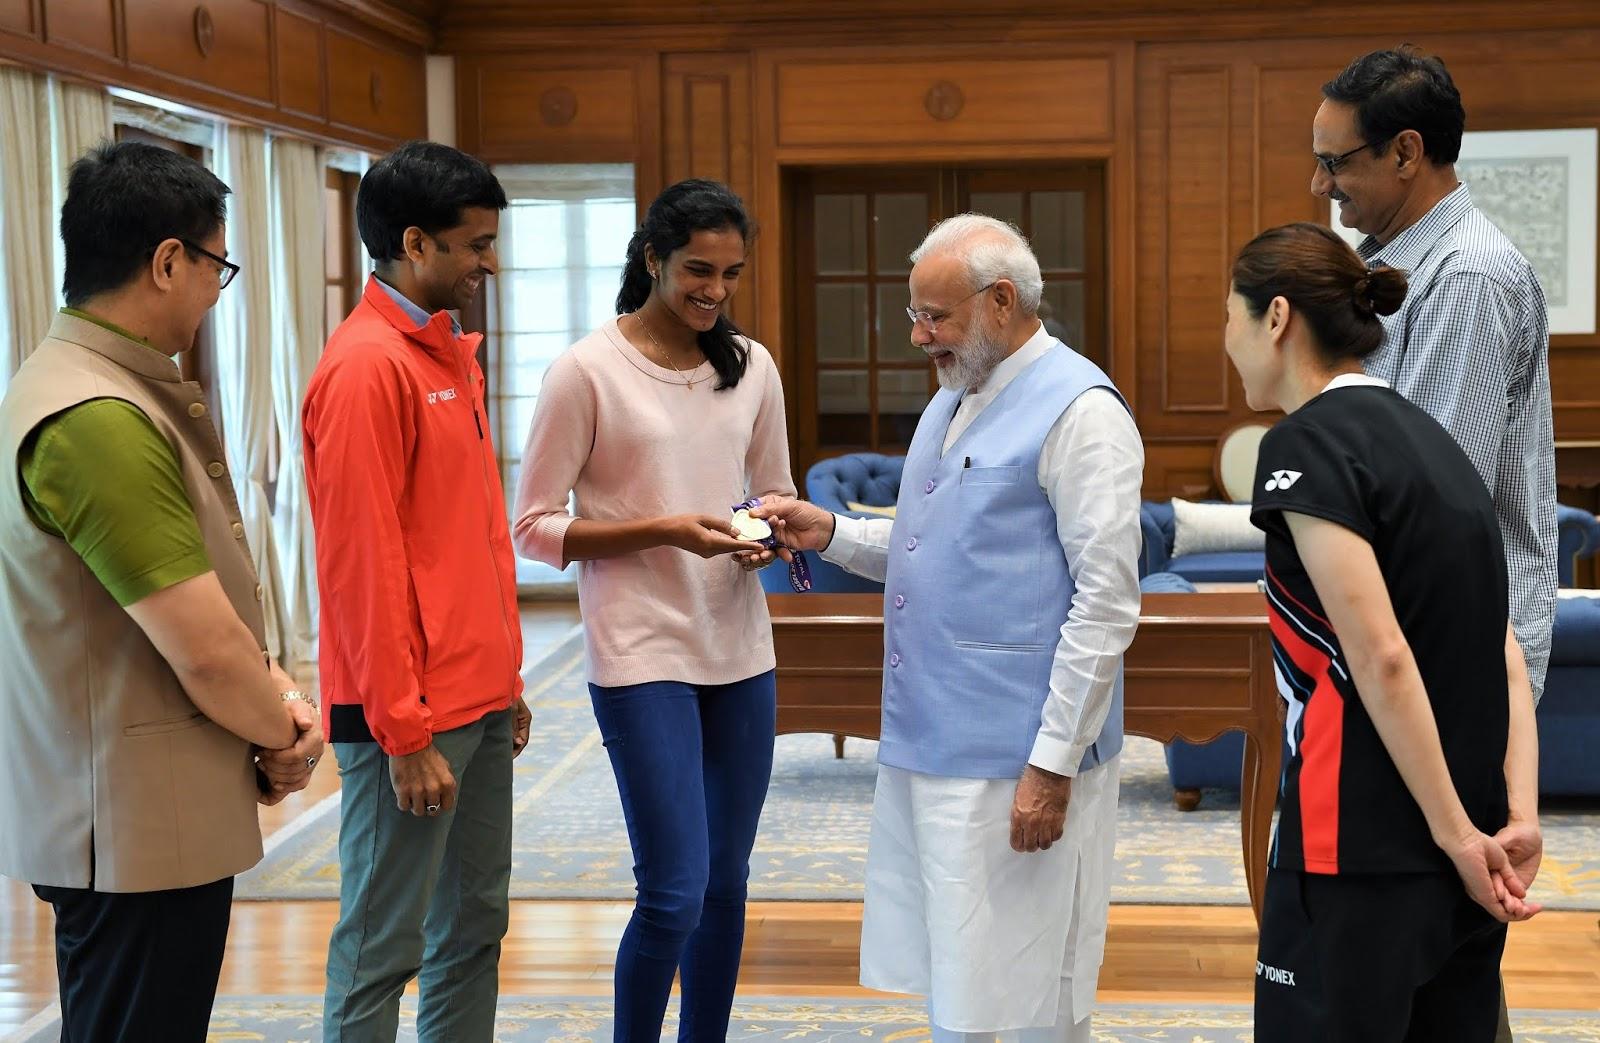 मोदी से मिलीं वर्ल्ड चैंपियन सिंधु, आप देश की शान हैं : मोदी